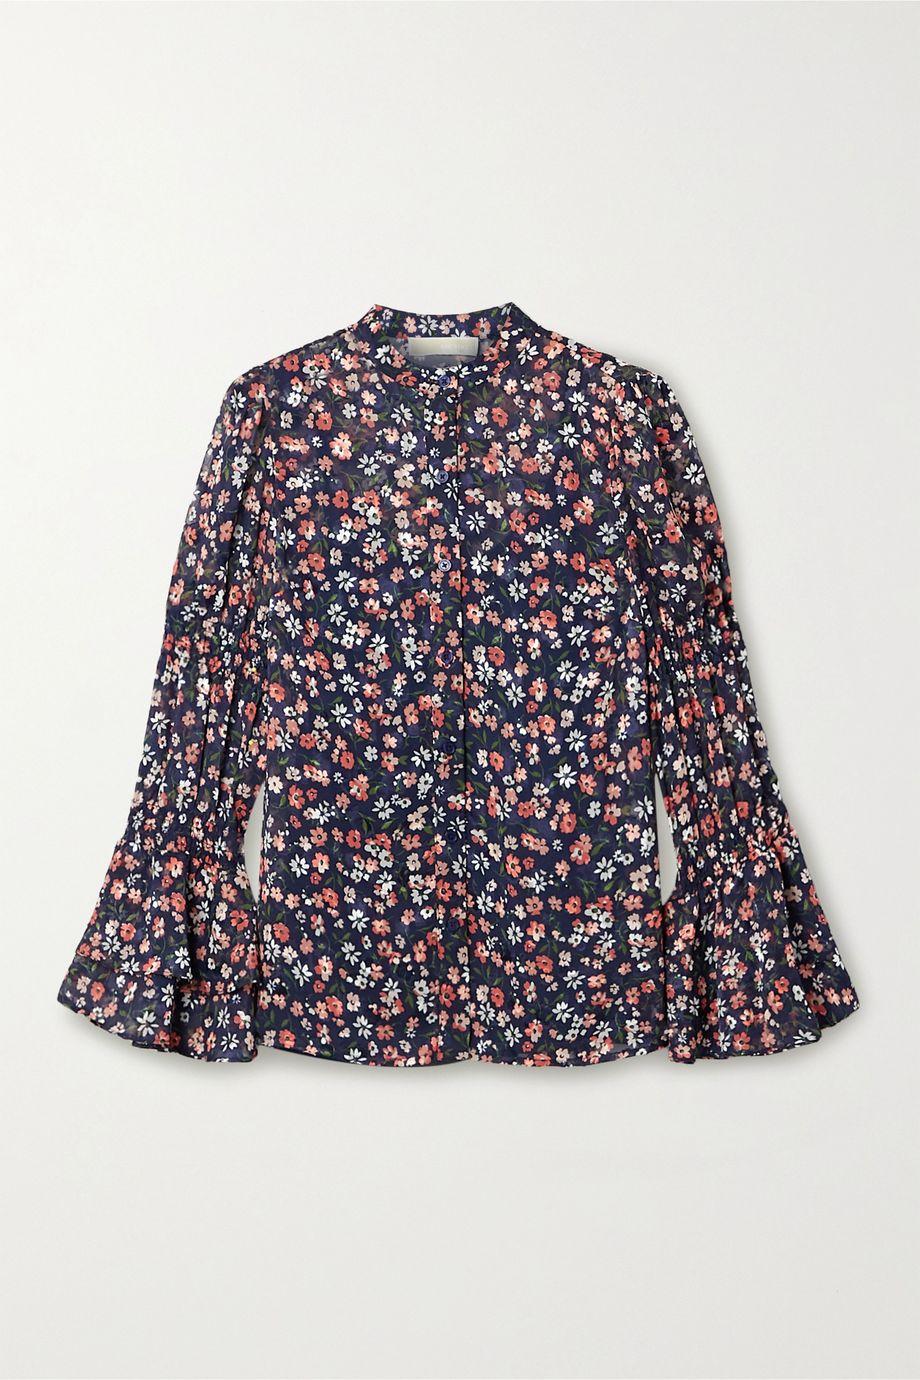 MICHAEL Michael Kors Garden Patch floral-print crepe blouse